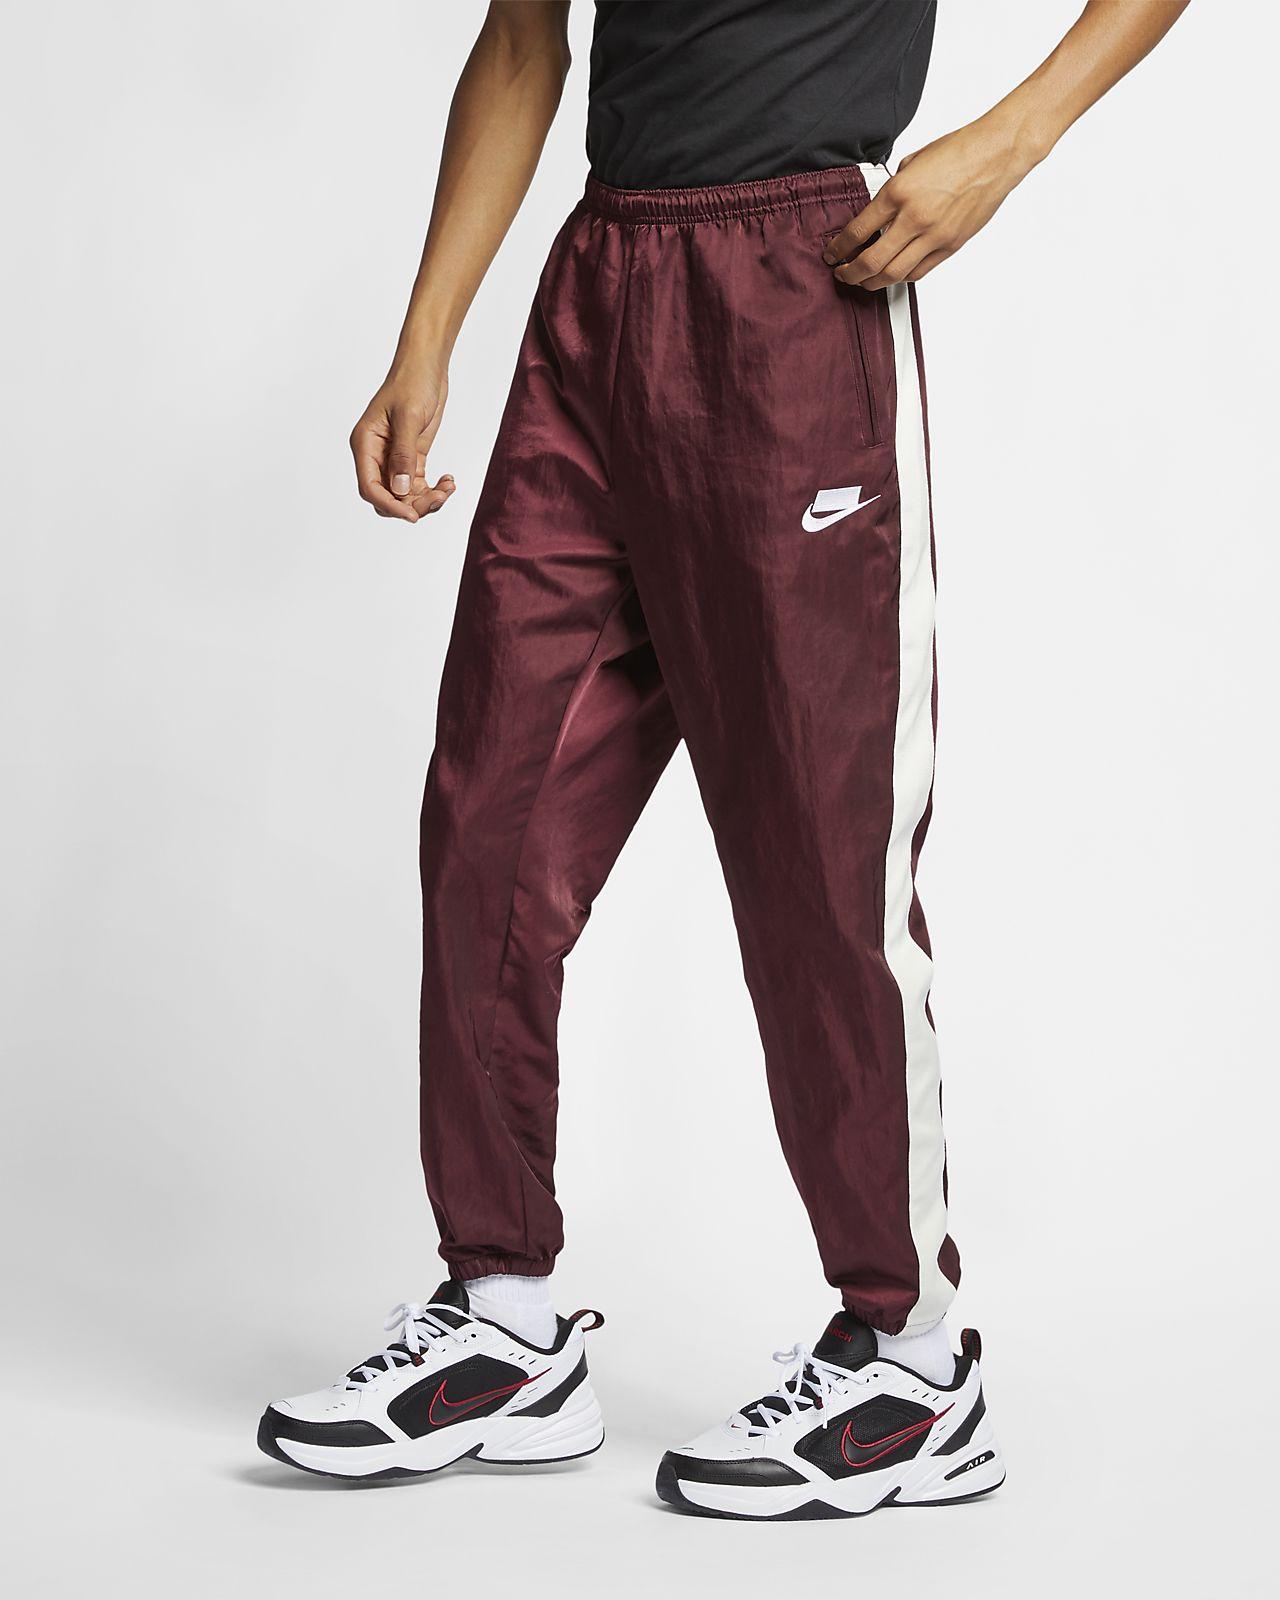 Pantalones tejidos para hombre Nike Sportswear NSW